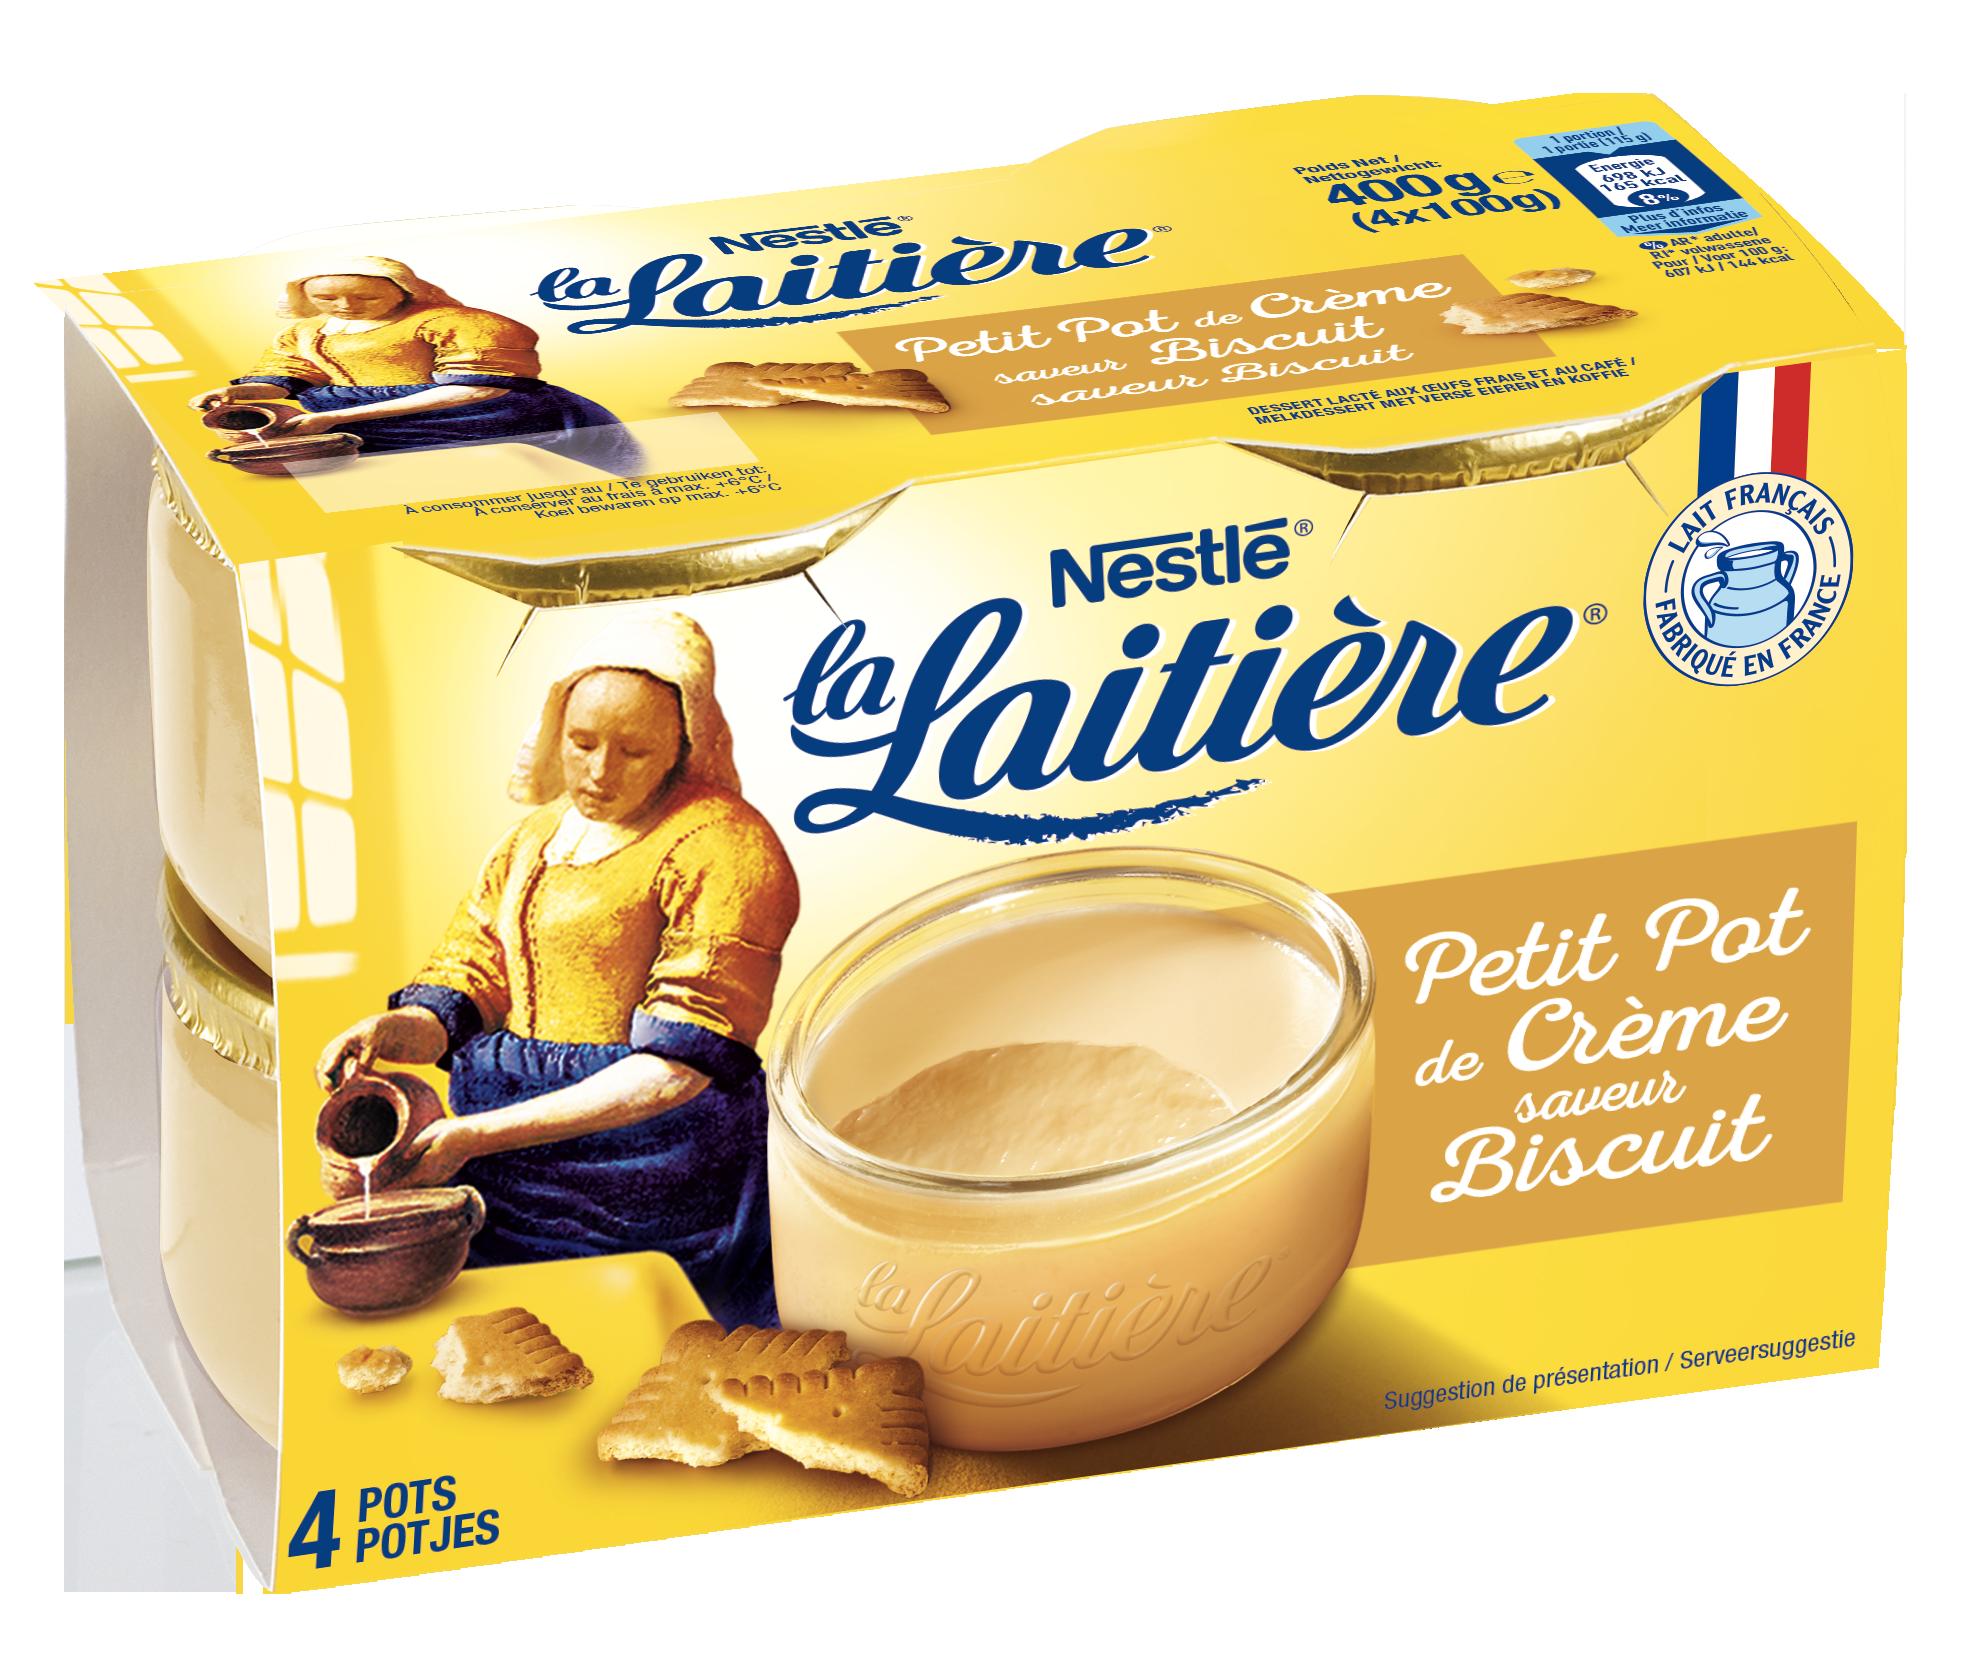 Petit pot de Crème Saveur Biscuit